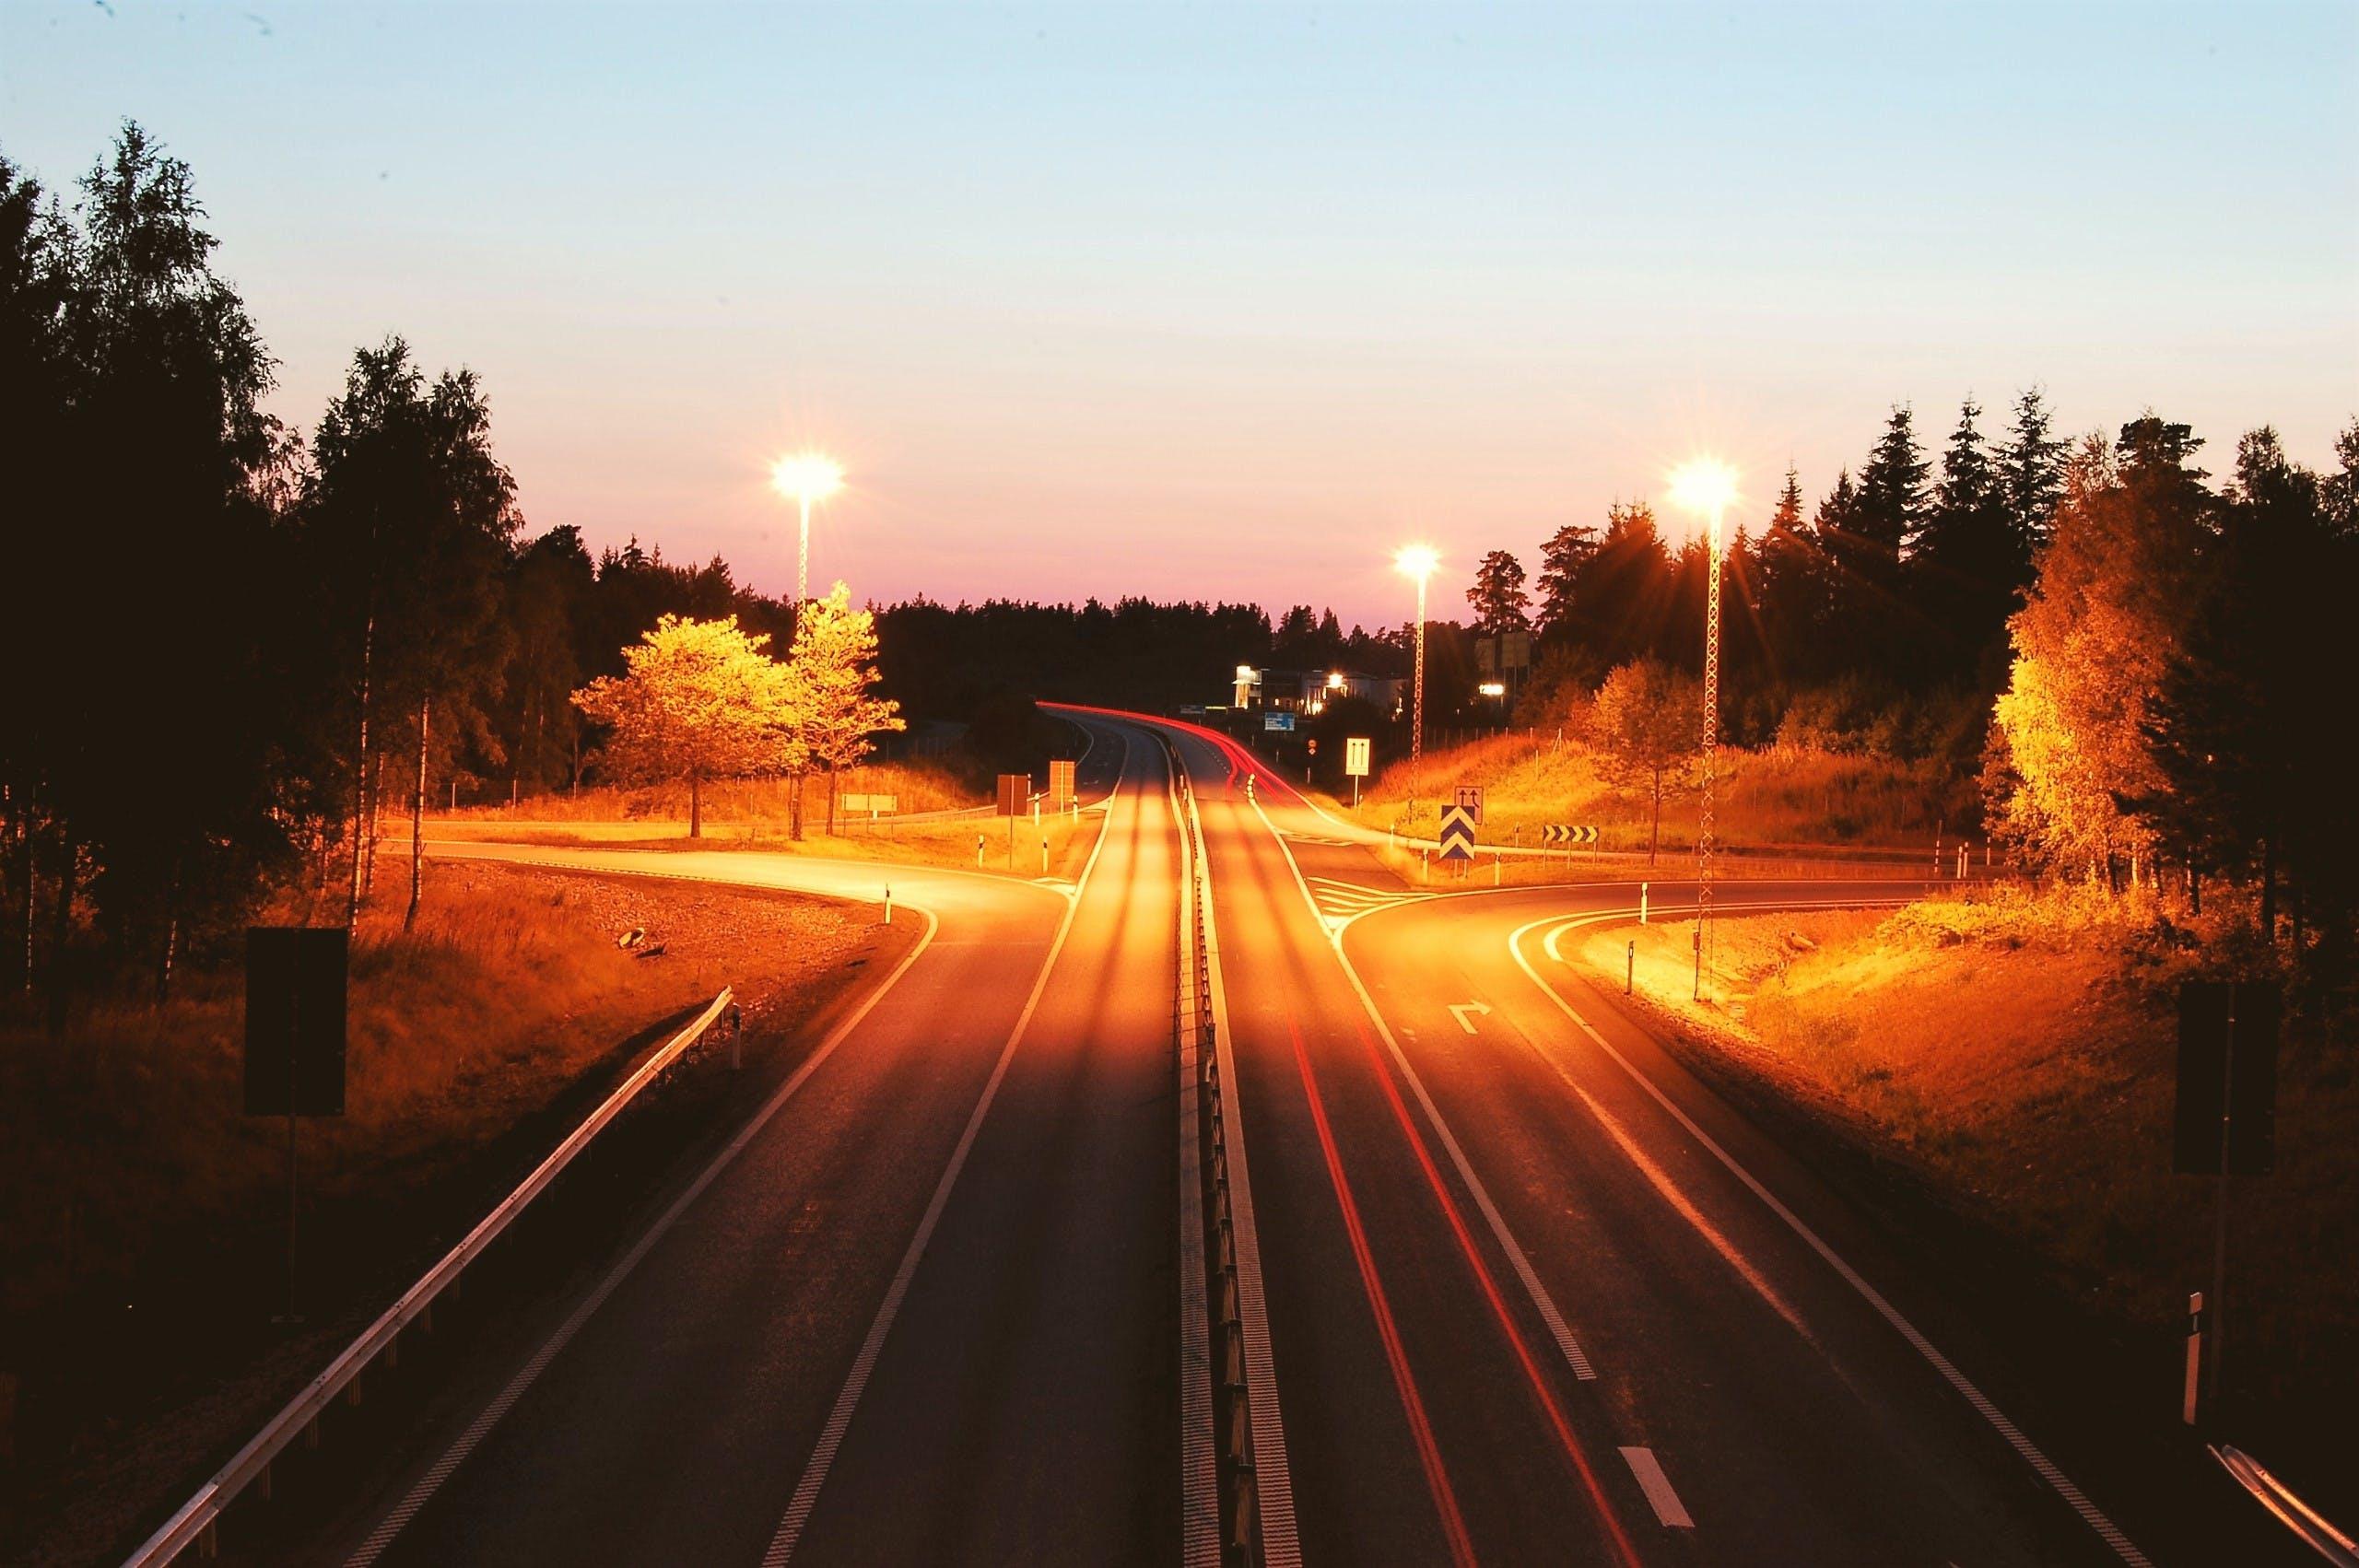 Δωρεάν στοκ φωτογραφιών με απόγευμα, άσφαλτος, αυγή, αυτοκινητόδρομος